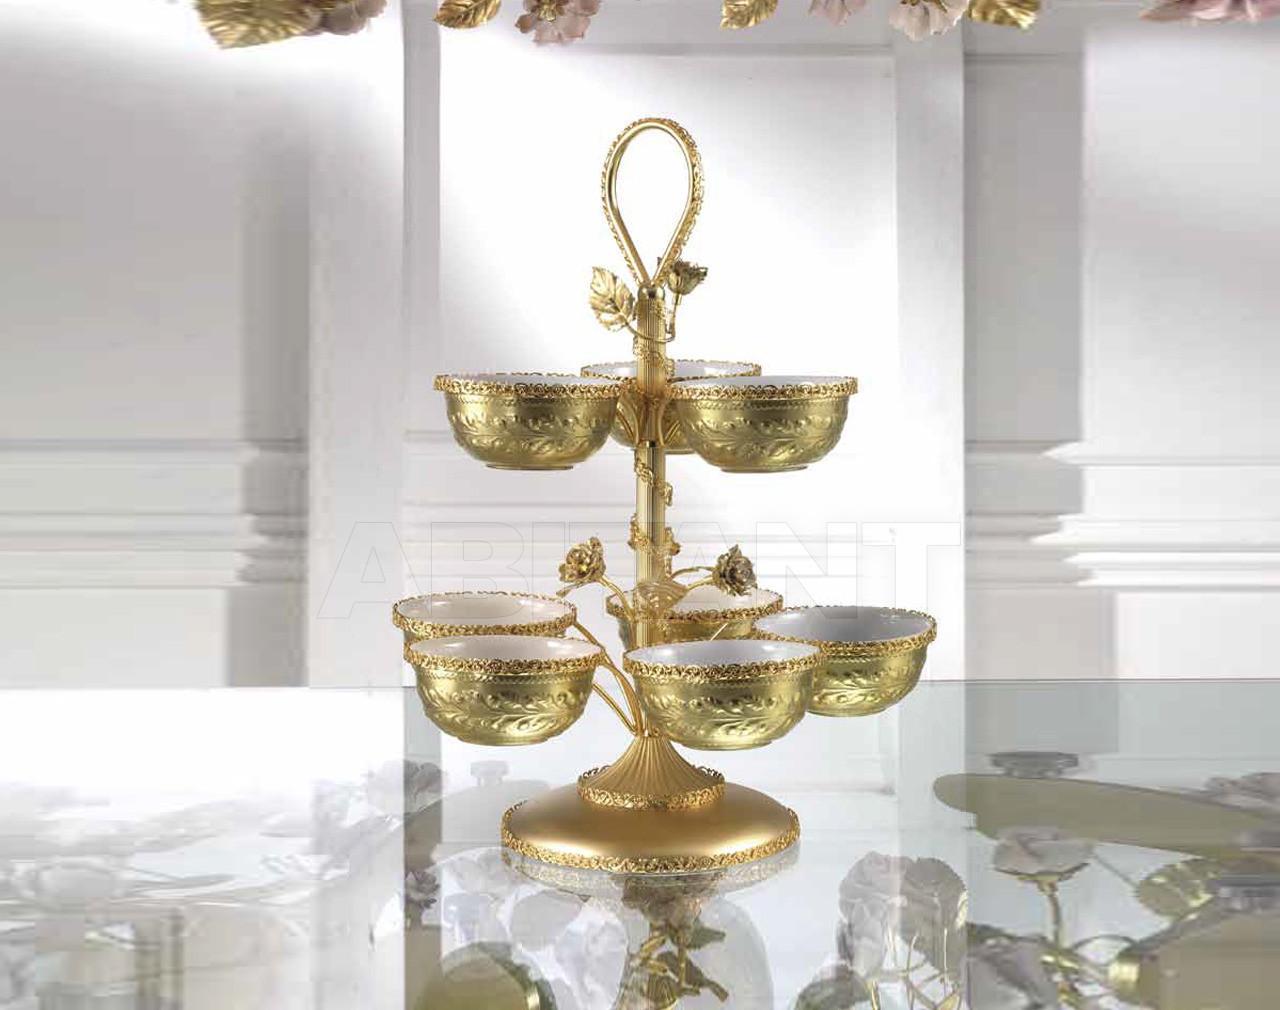 Купить Посуда декоративная Villari Home And Lights 4002334-602